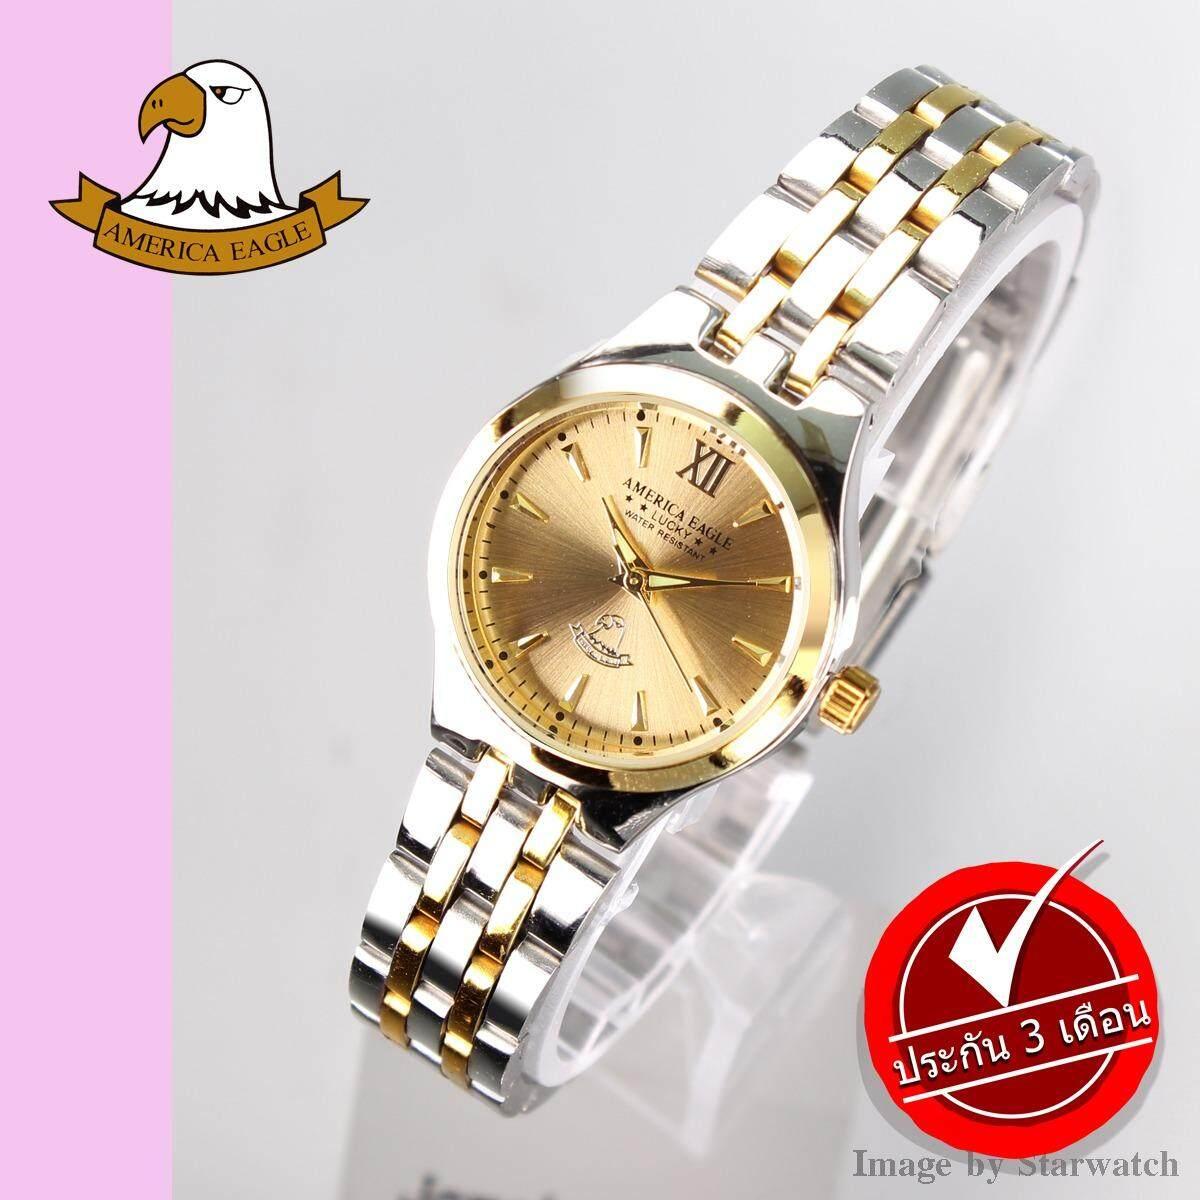 ซื้อ America Eagle นาฬิกาข้อมือผู้หญิง สายสแตนเลส รุ่น Ae021L Silvergold ฺgold ใน Thailand